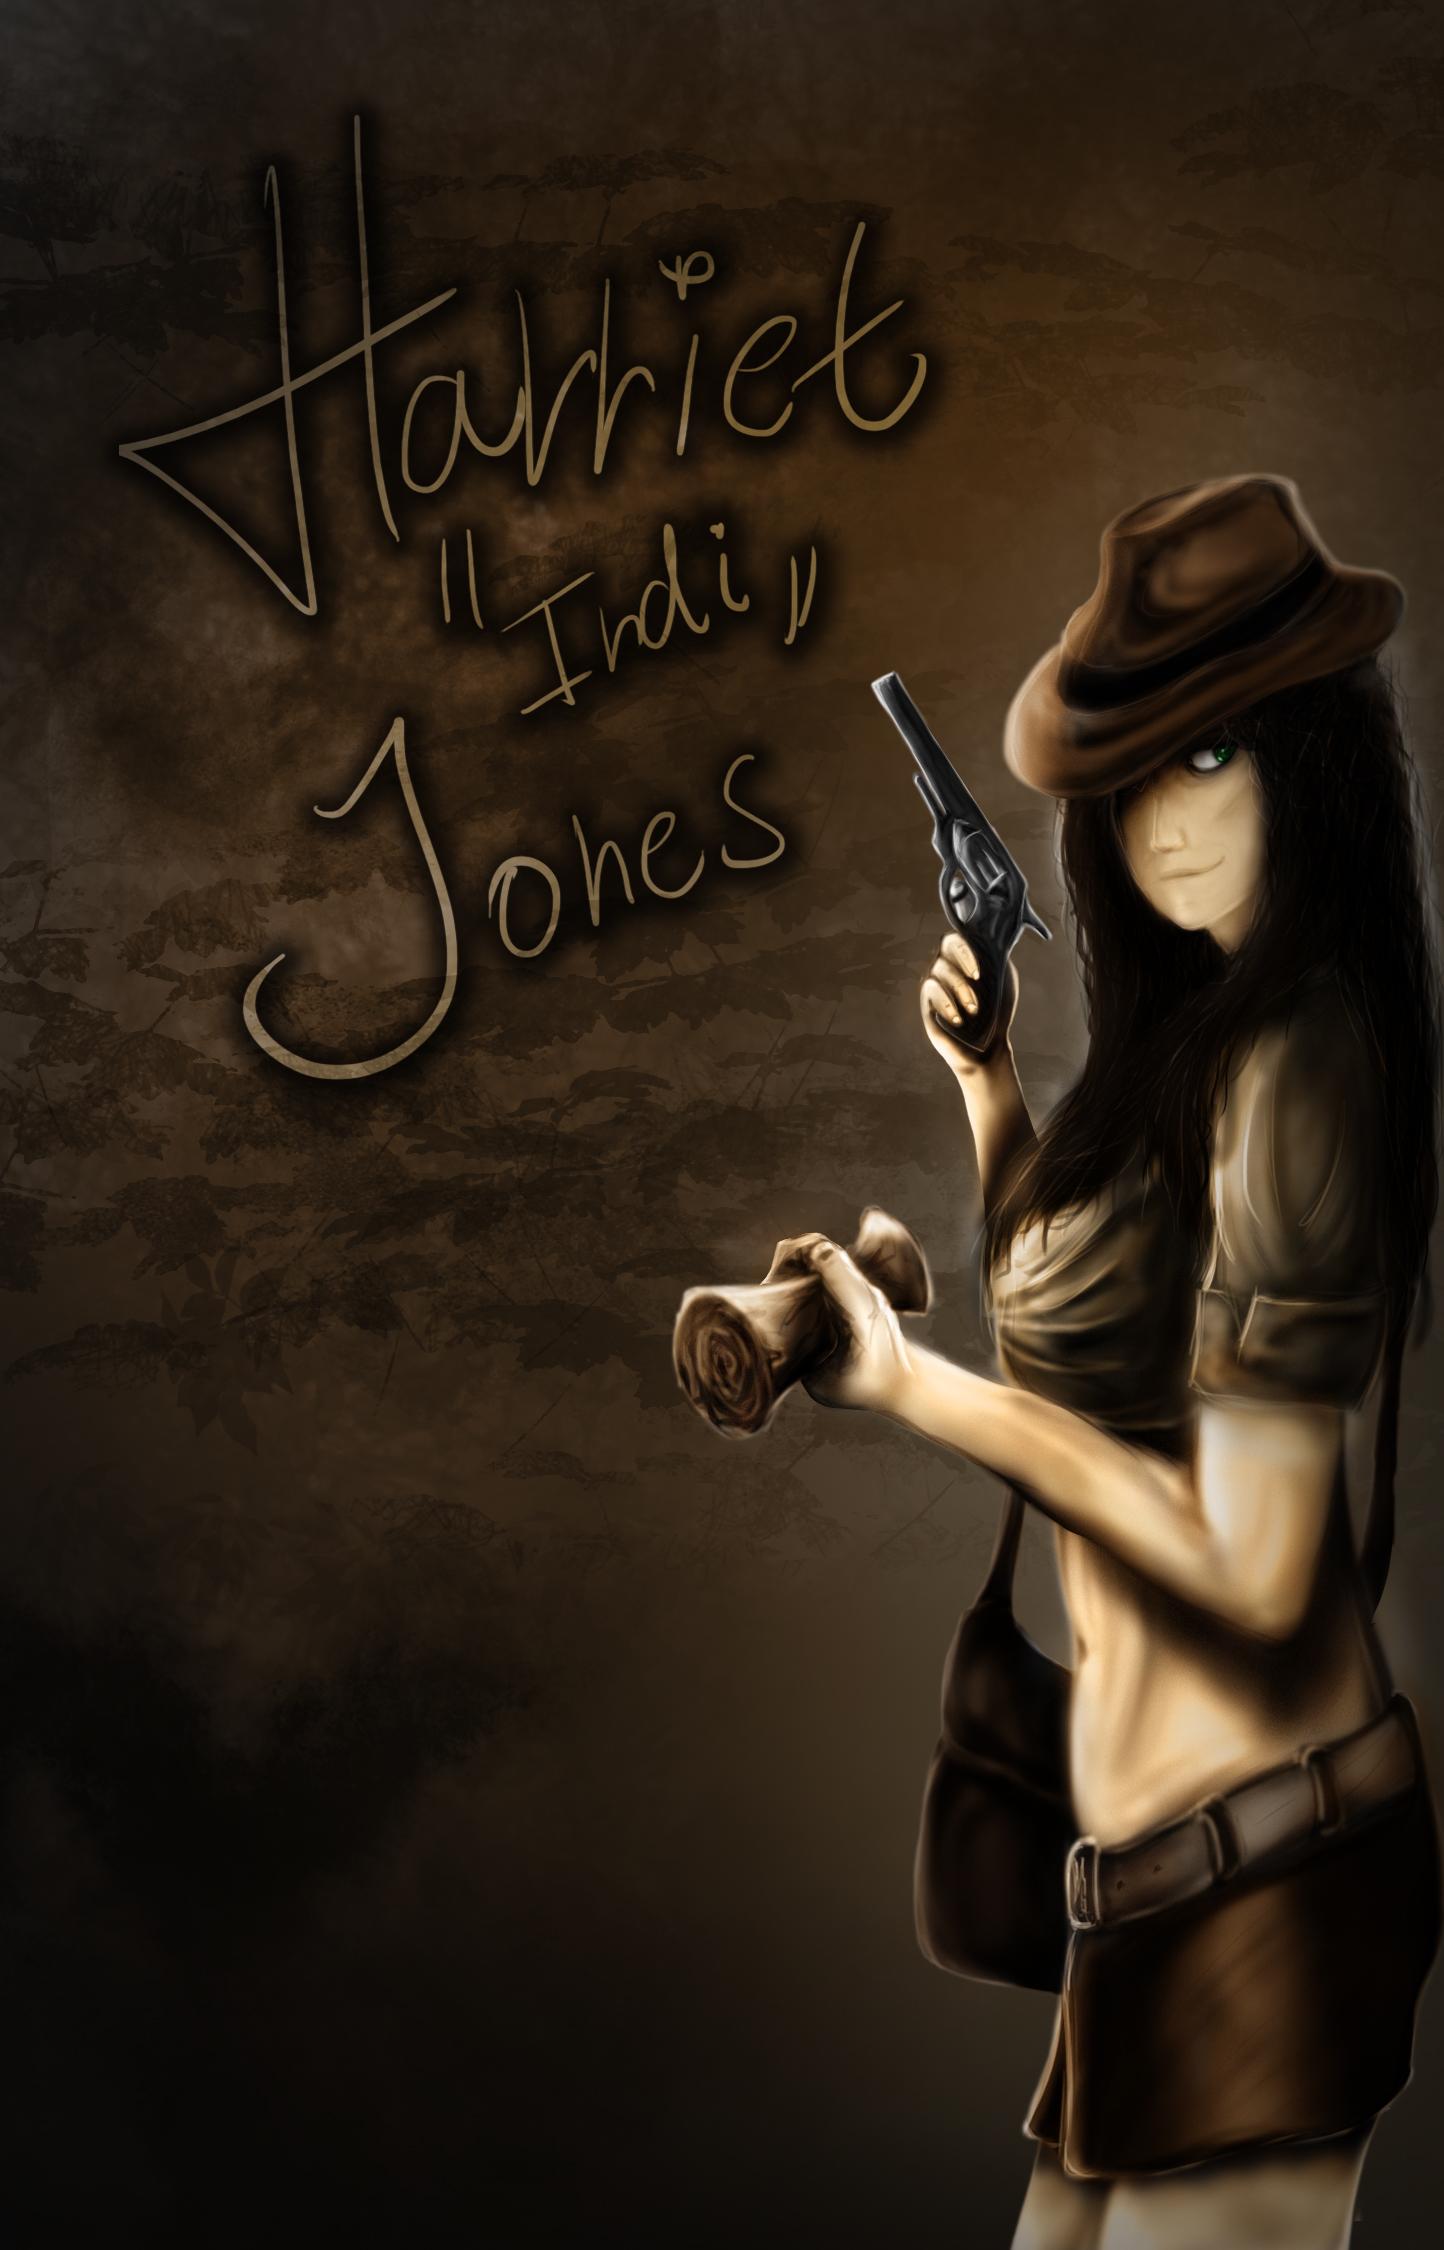 Harriet Indiana Jones